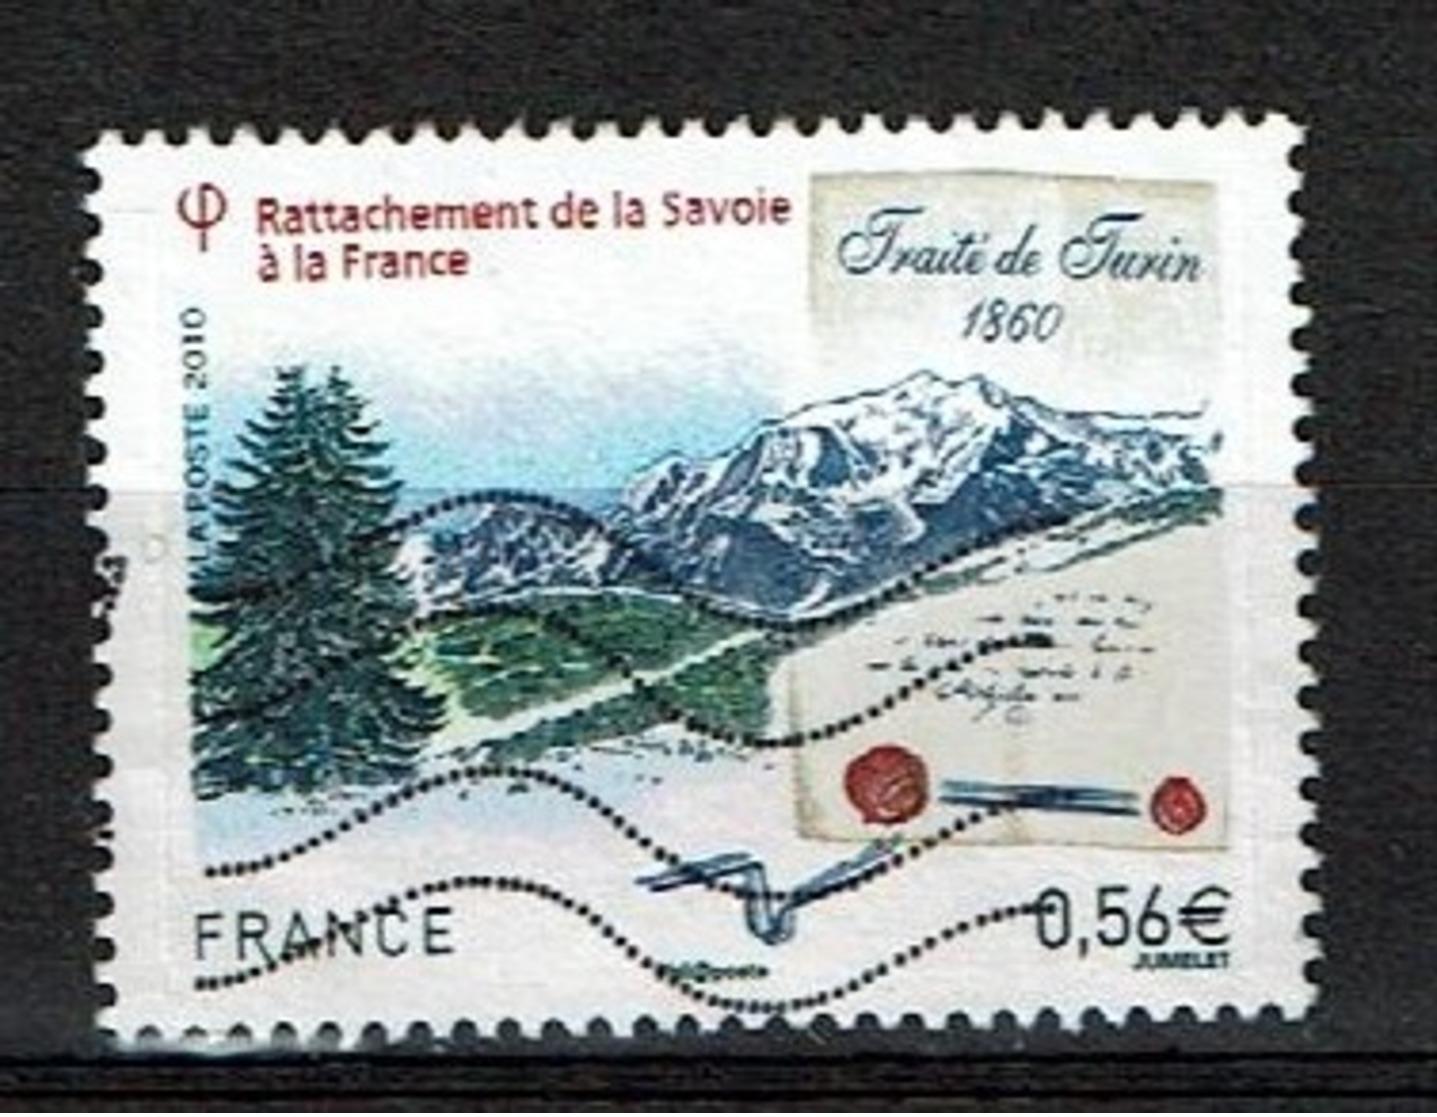 Traité De Turin N°4441 Oblitéré Année 2010 - France